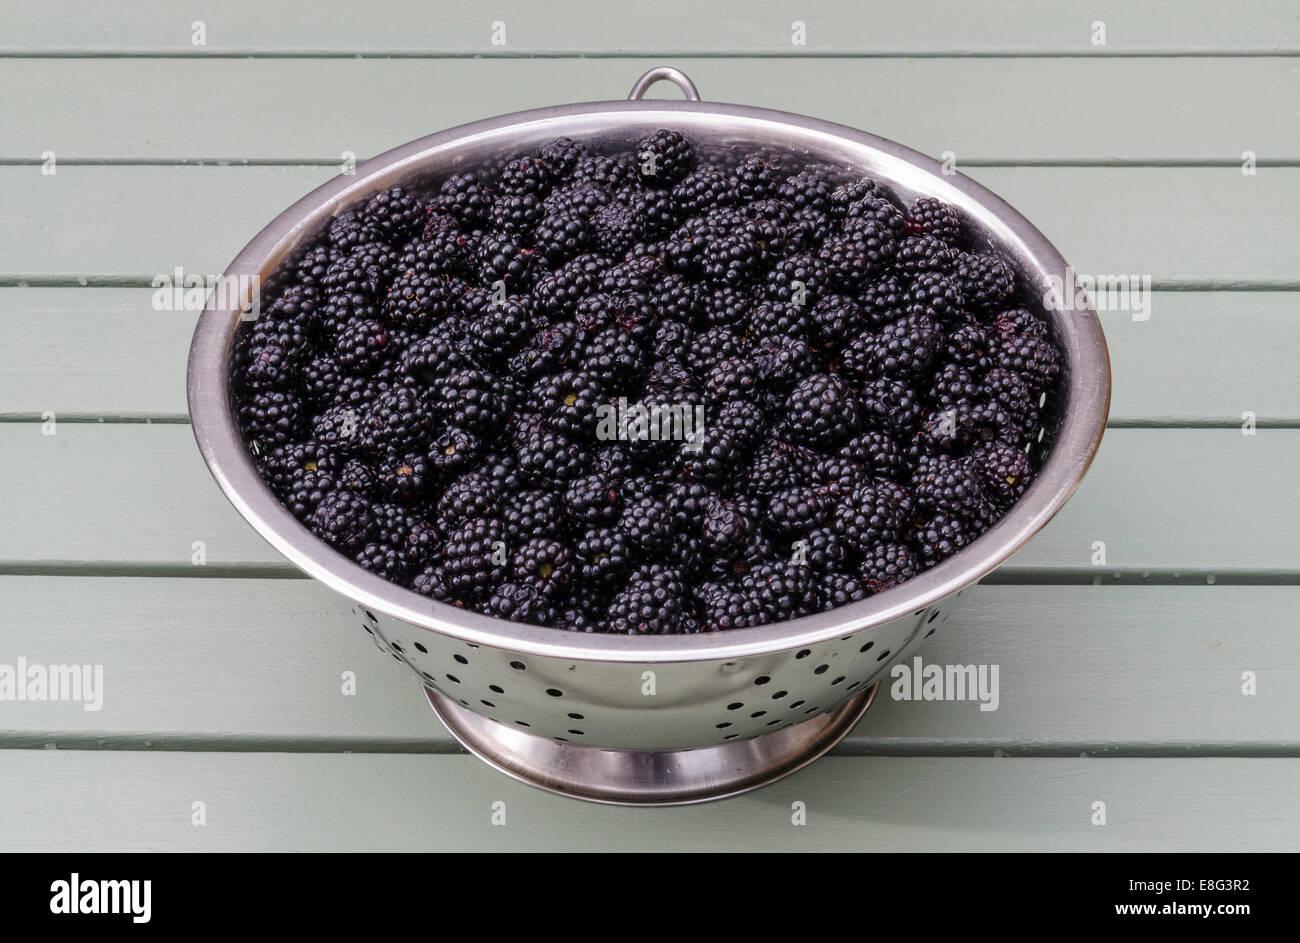 Bountiful supply of wild ripe fresh blackberries - Stock Image